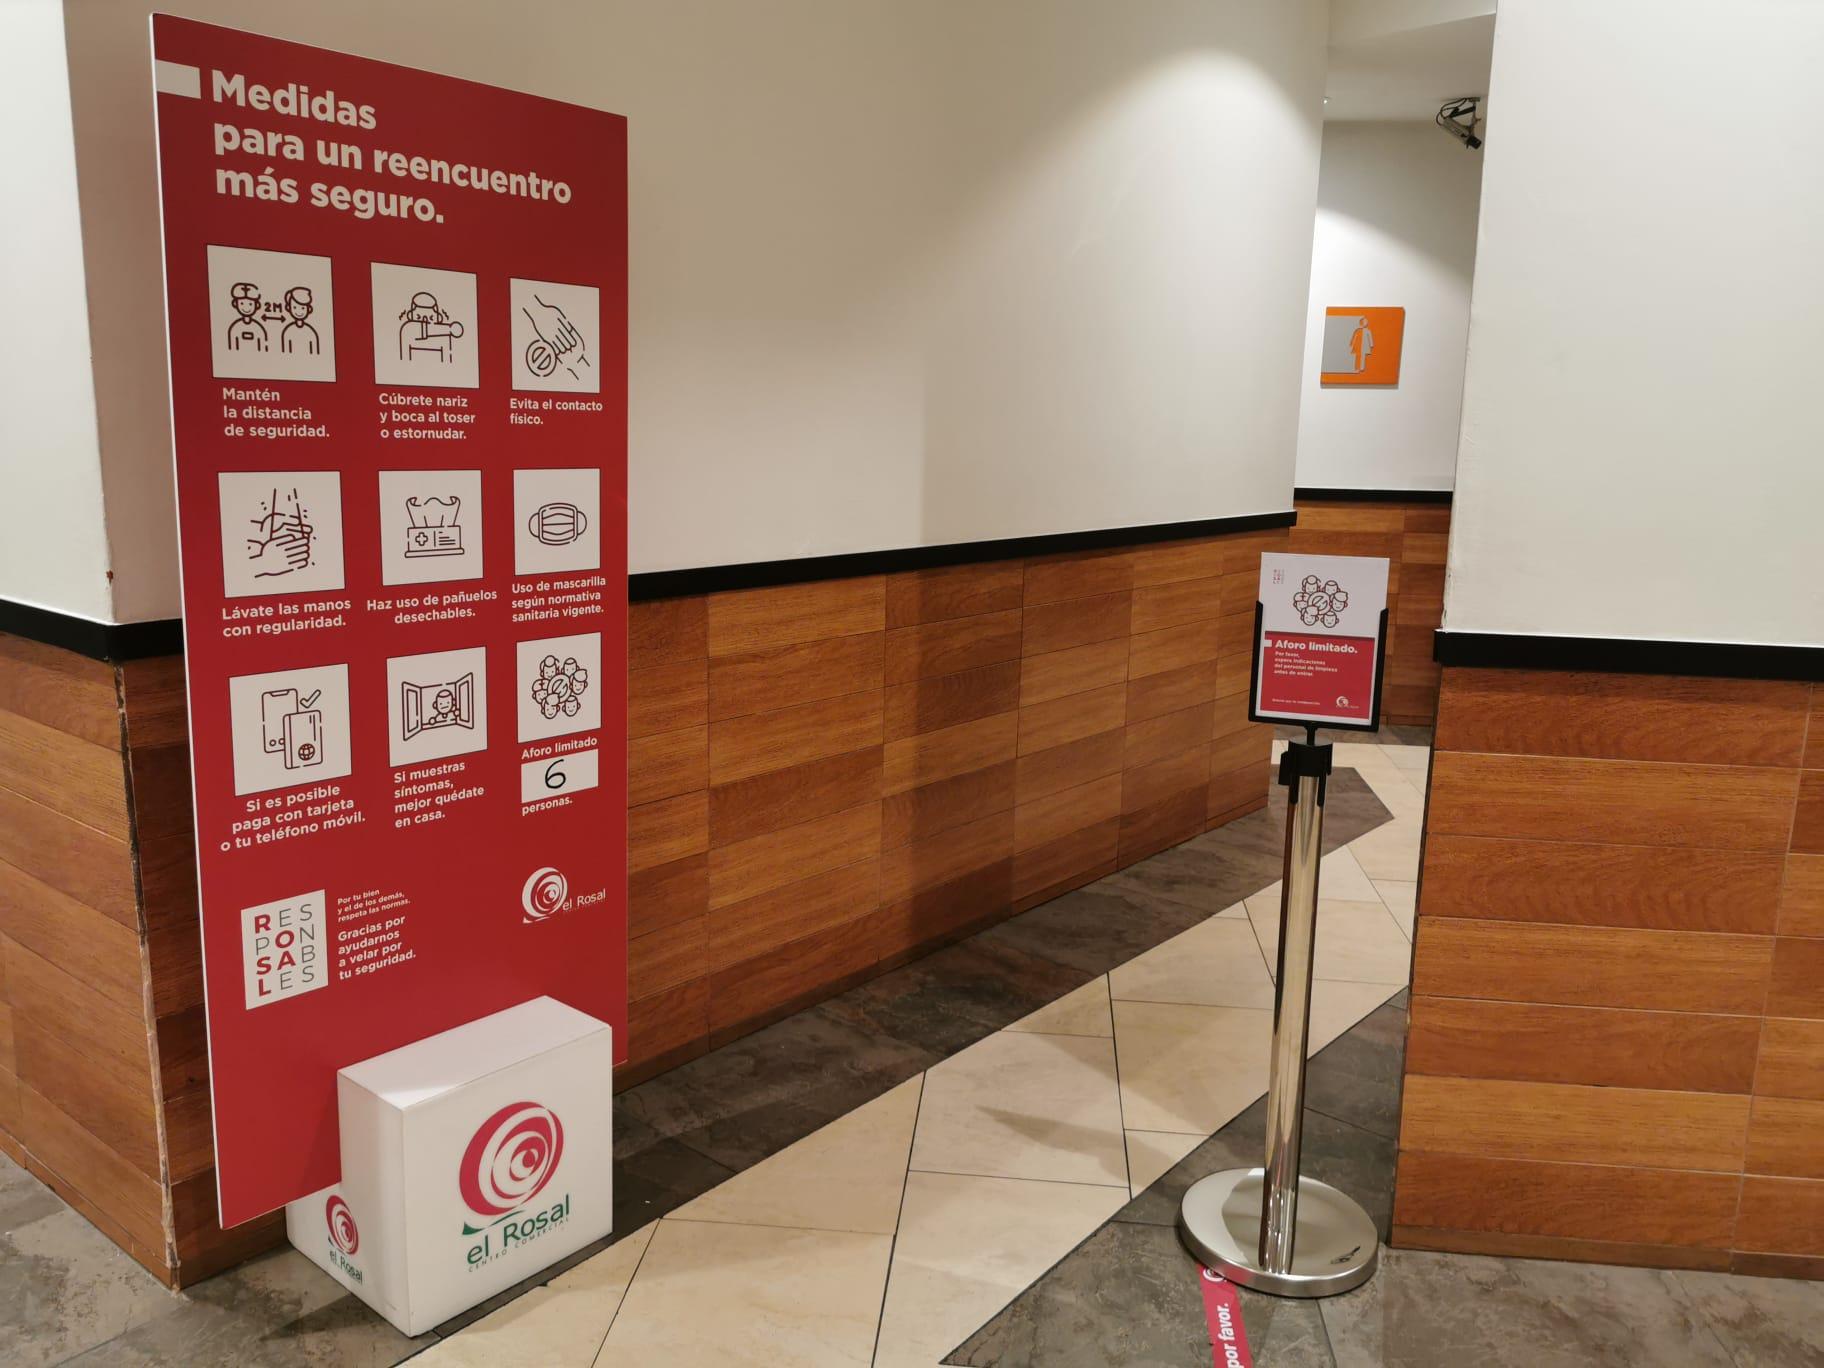 El Centro Comercial el Rosal abre con estrictas medidas de seguridad y control para la seguridad de los clientes y trabajadores 7